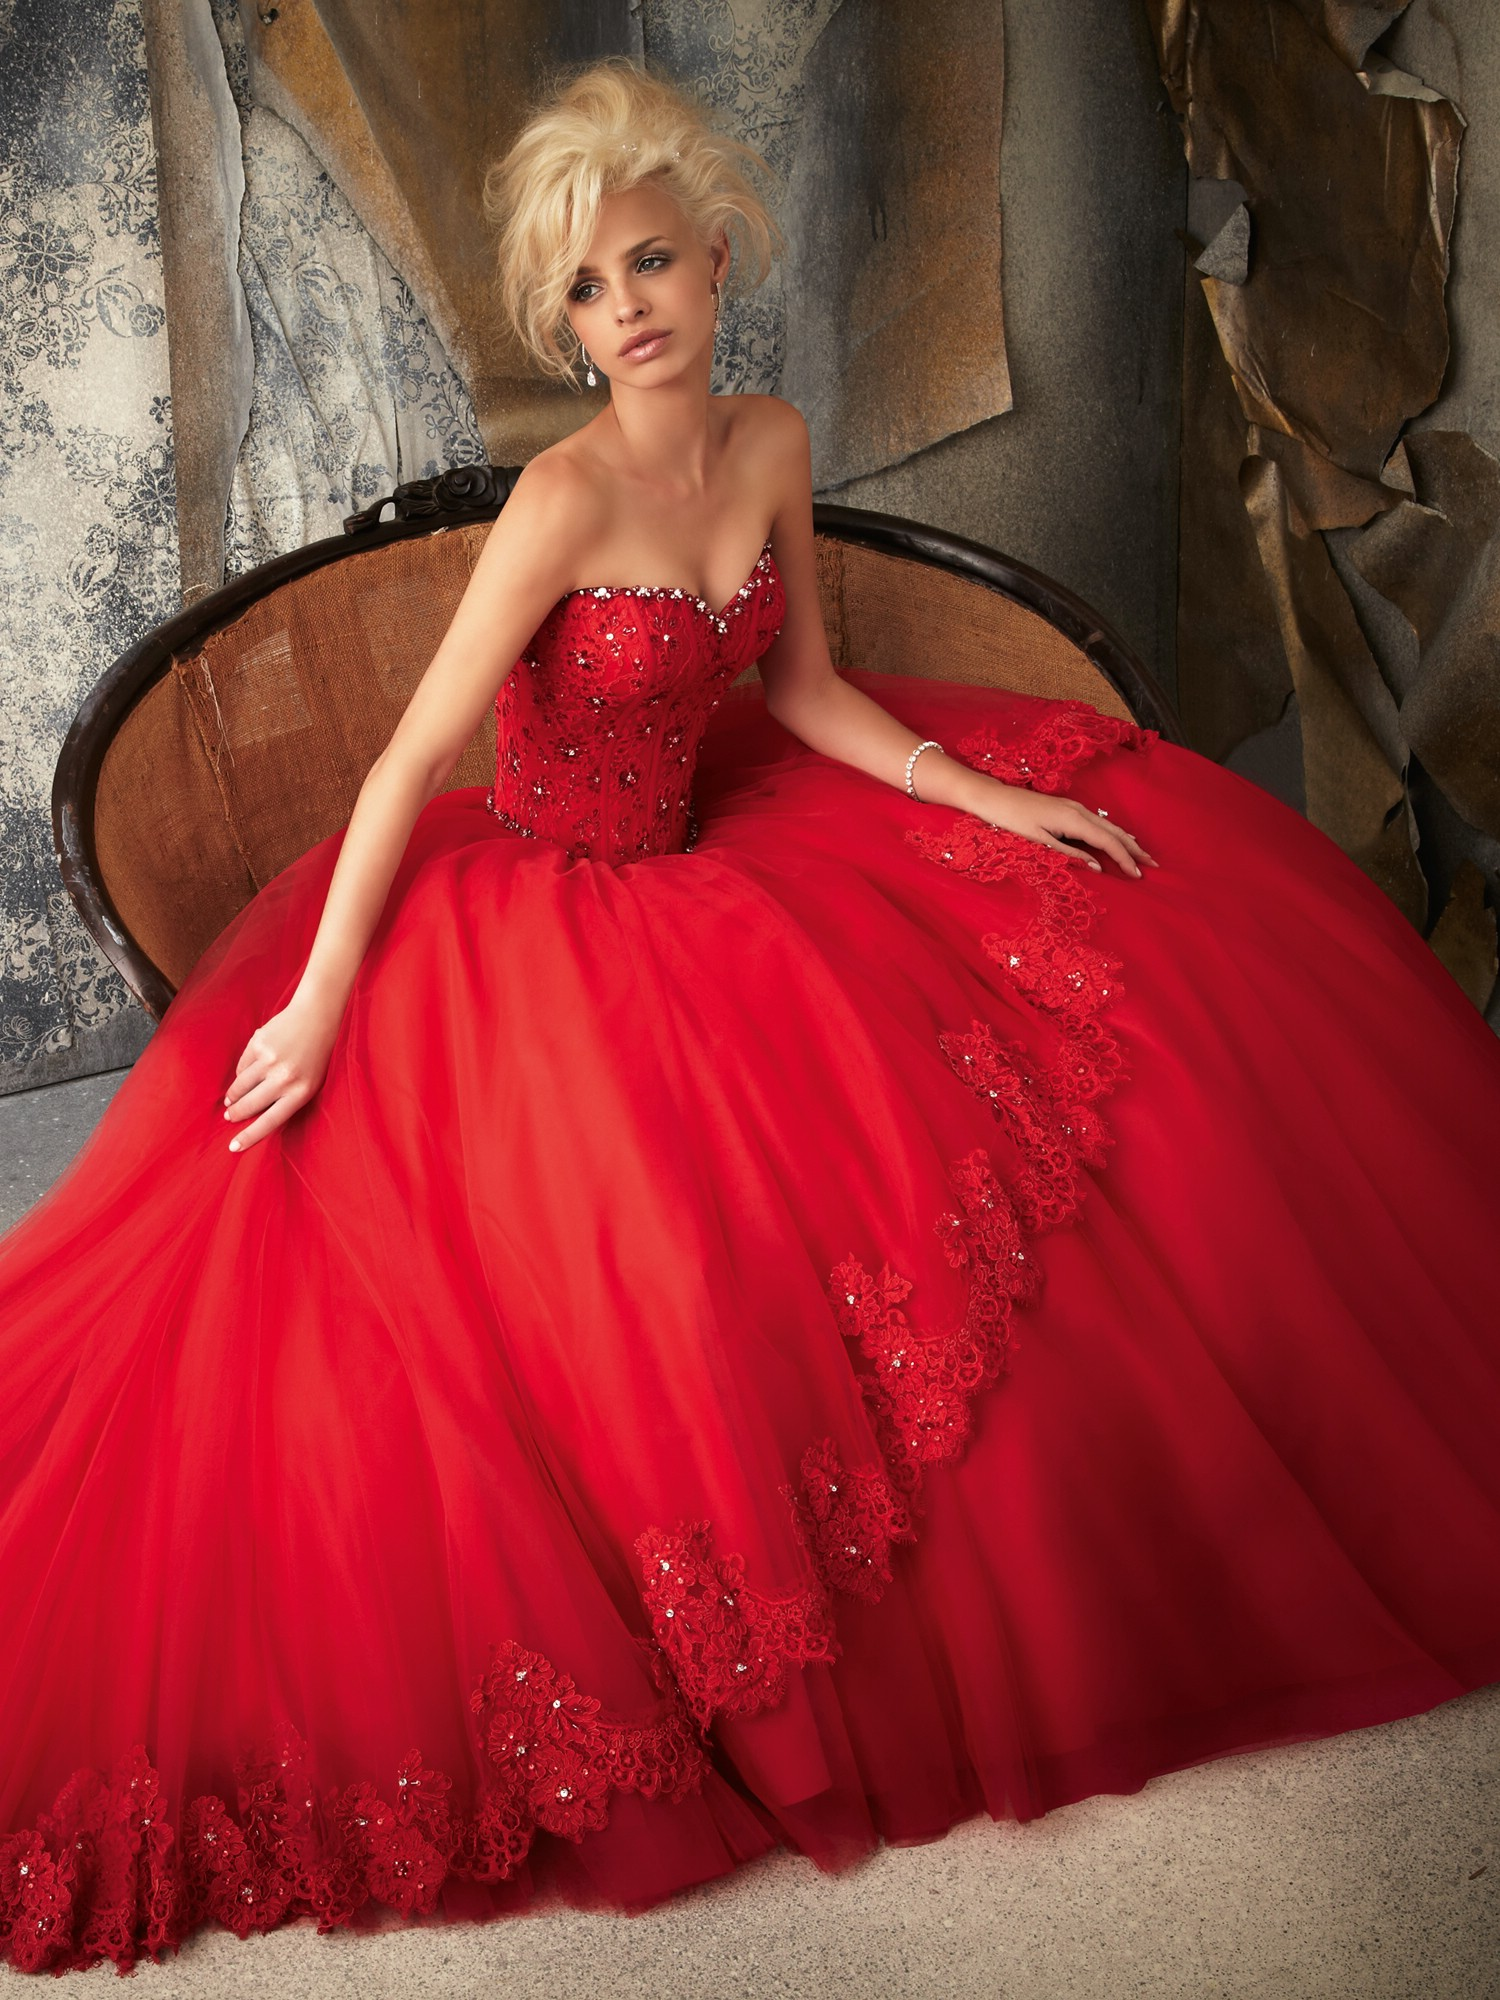 red wedding dresses red wedding dress Red Wedding Dress